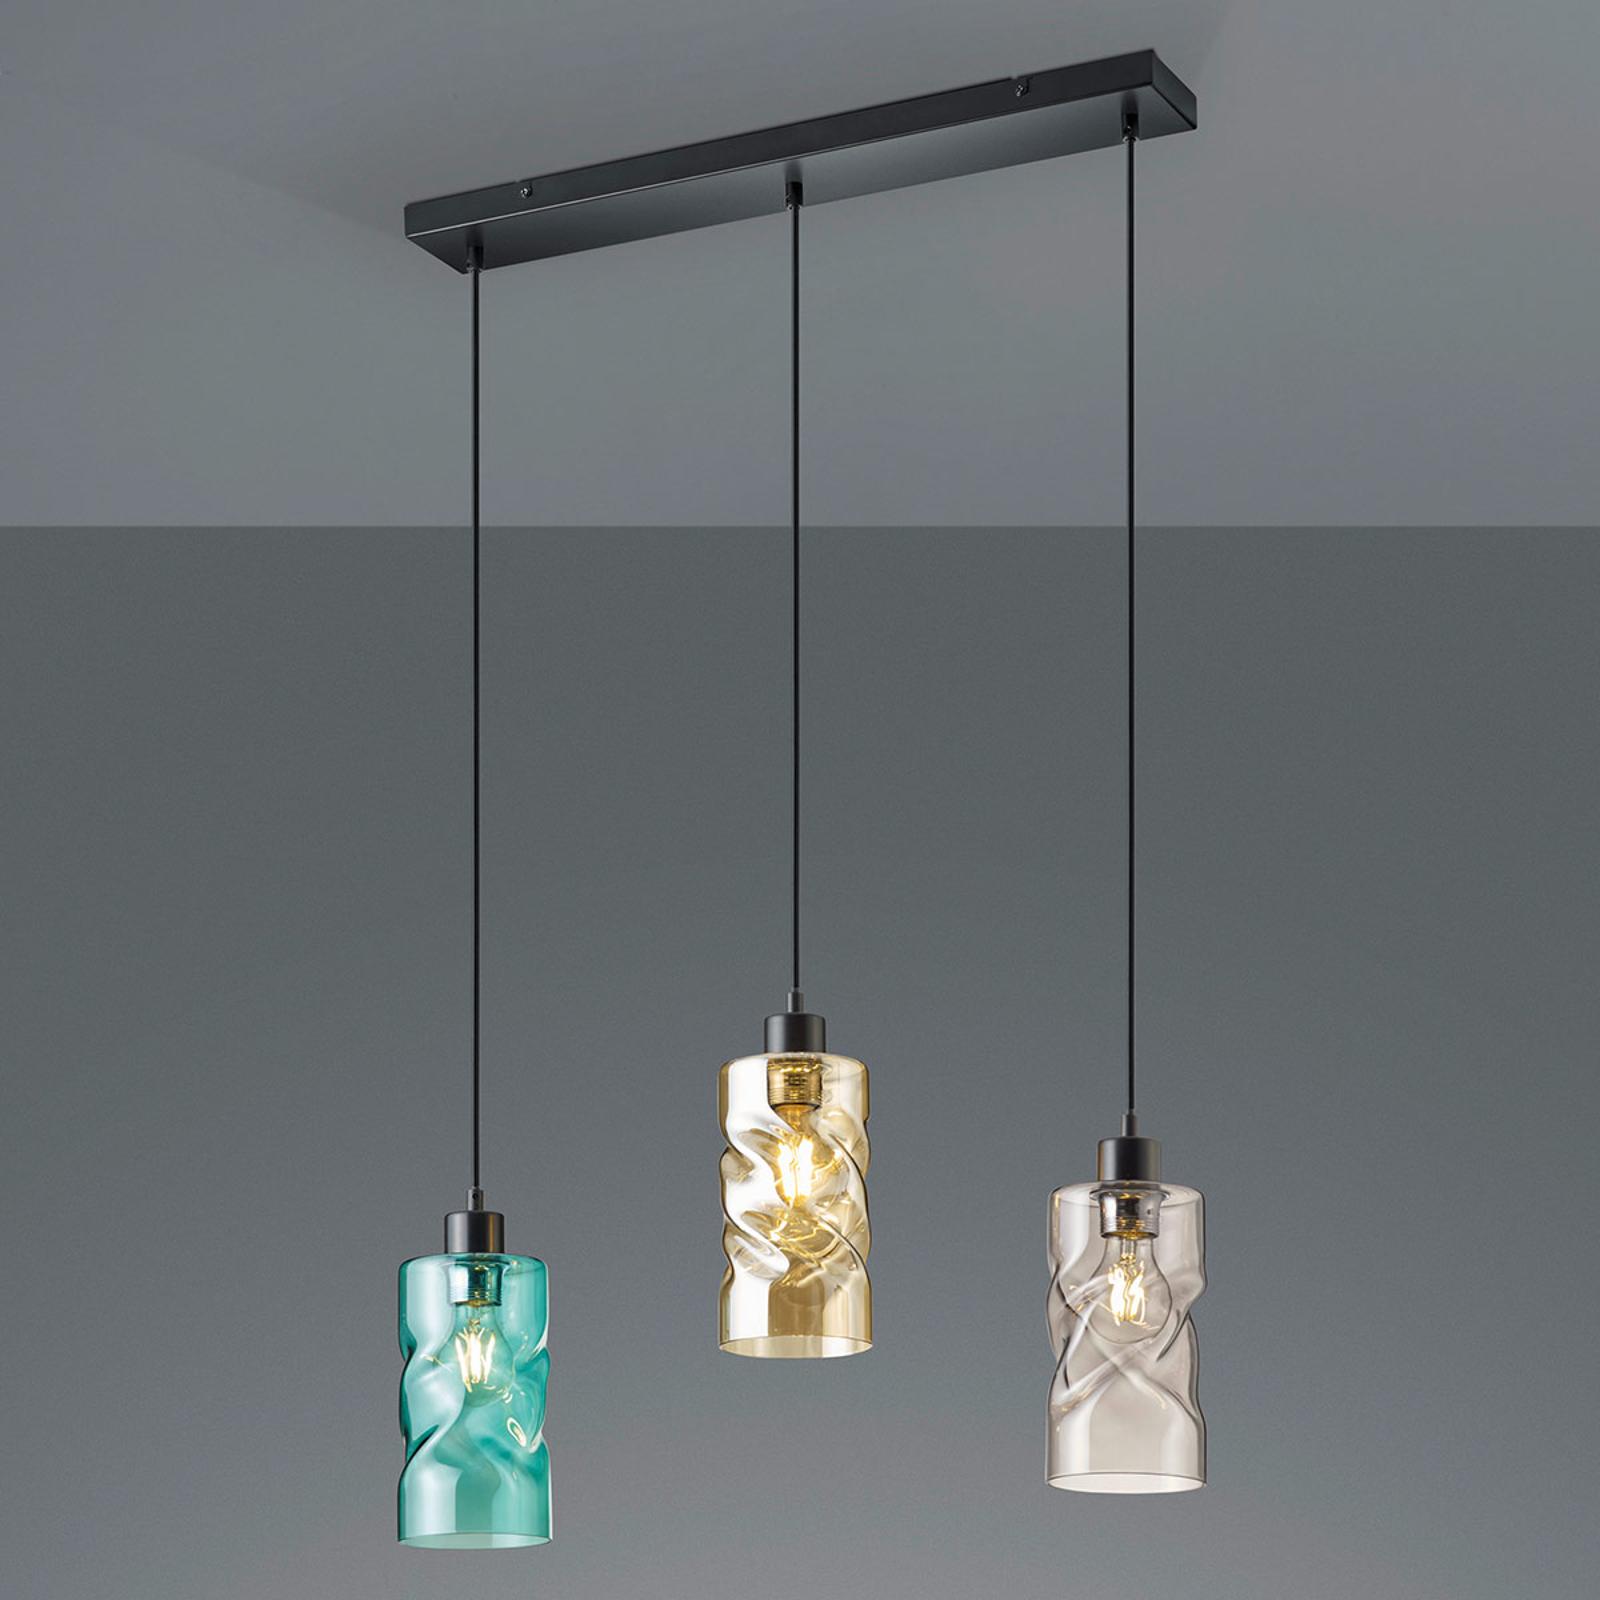 Suspension linéaire Swirl abat-jour verre 3 lampes